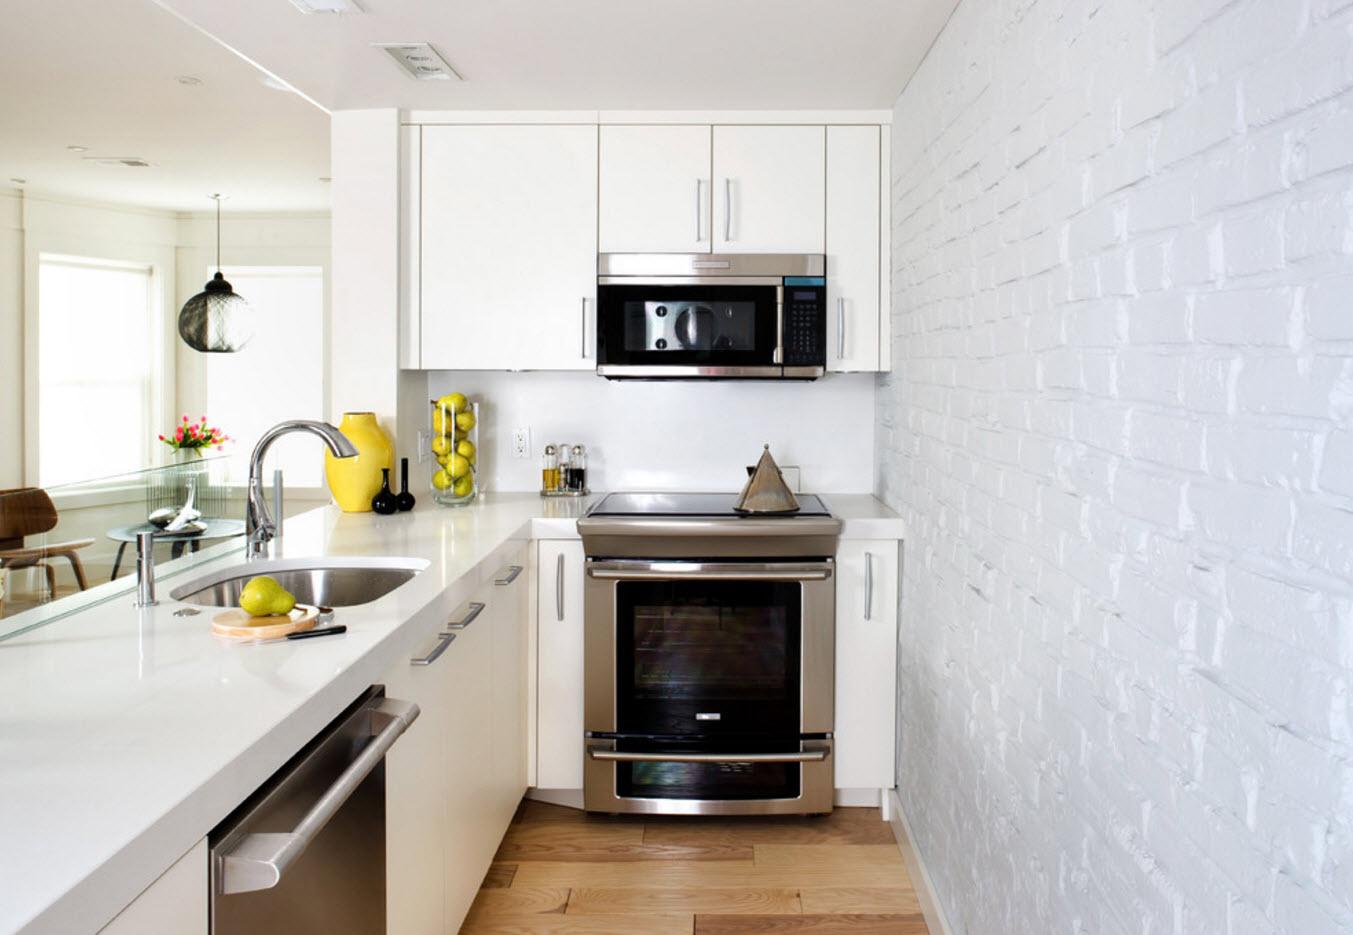 Беленый кирпич в кухонной зоне